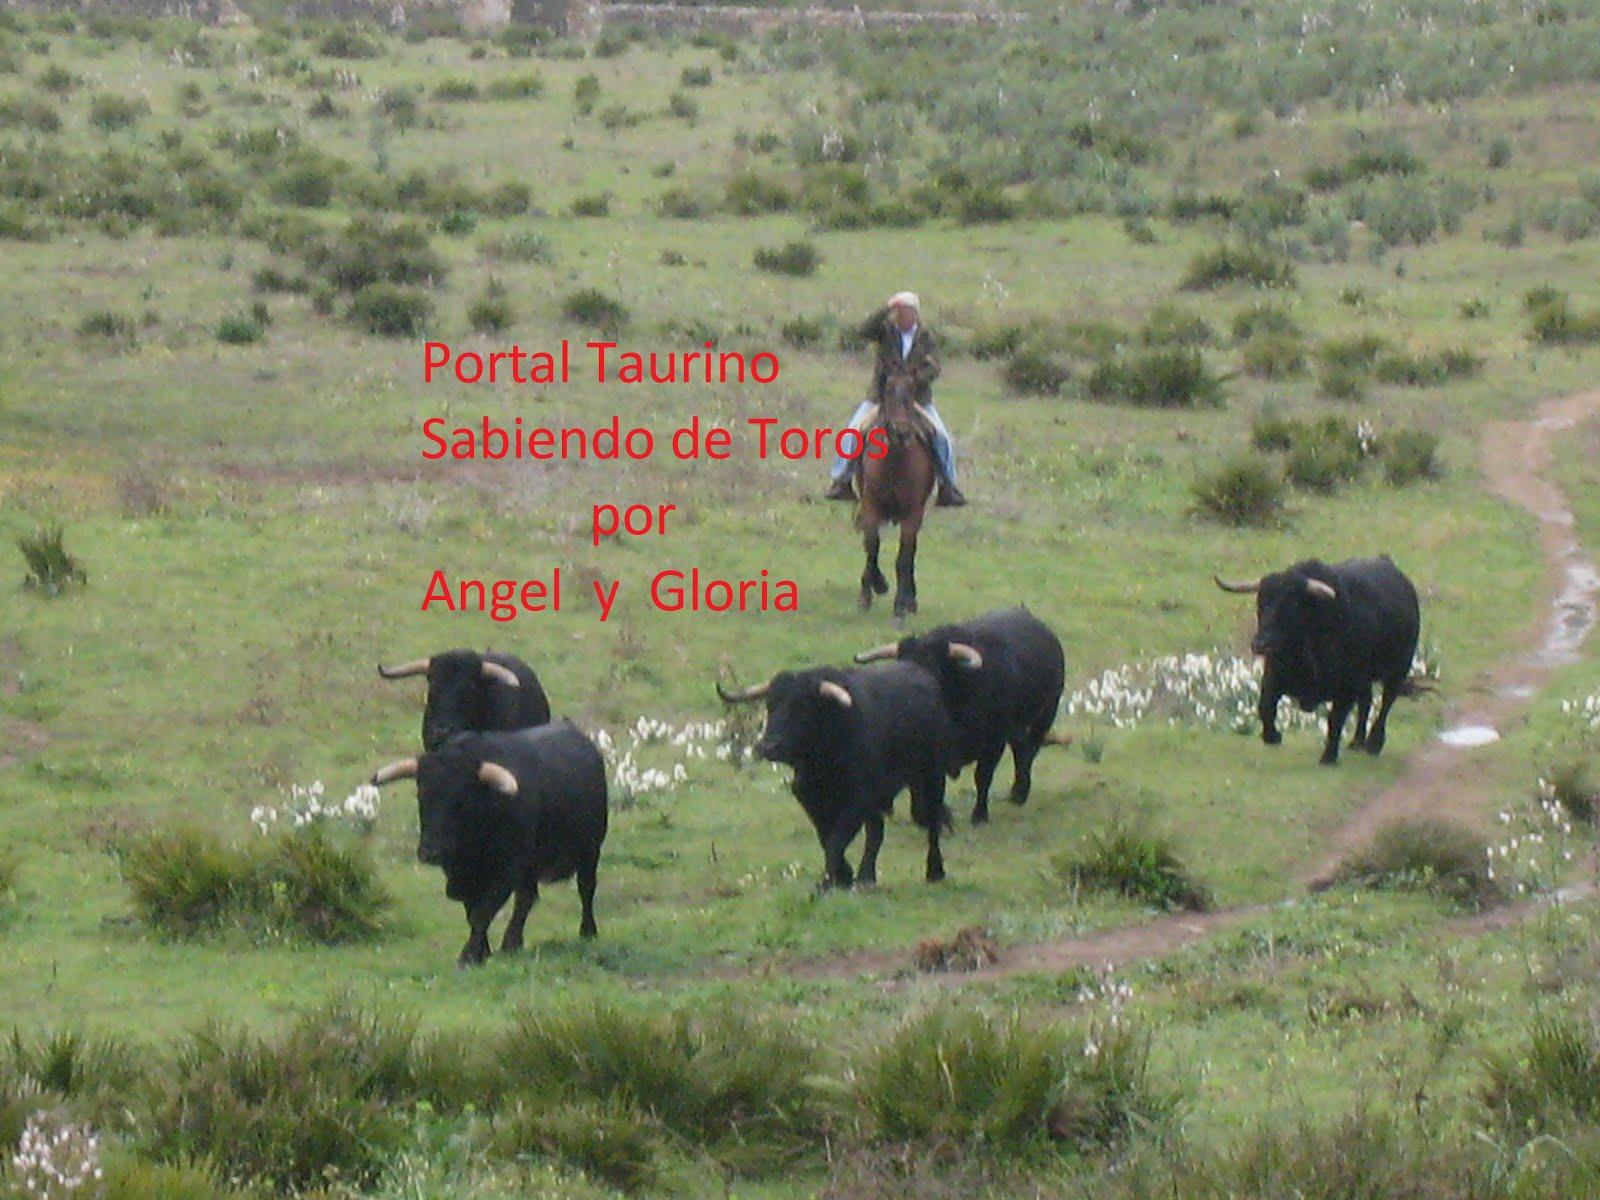 SABIENDO DE TOROS POR  ANGEL Y GLORIA